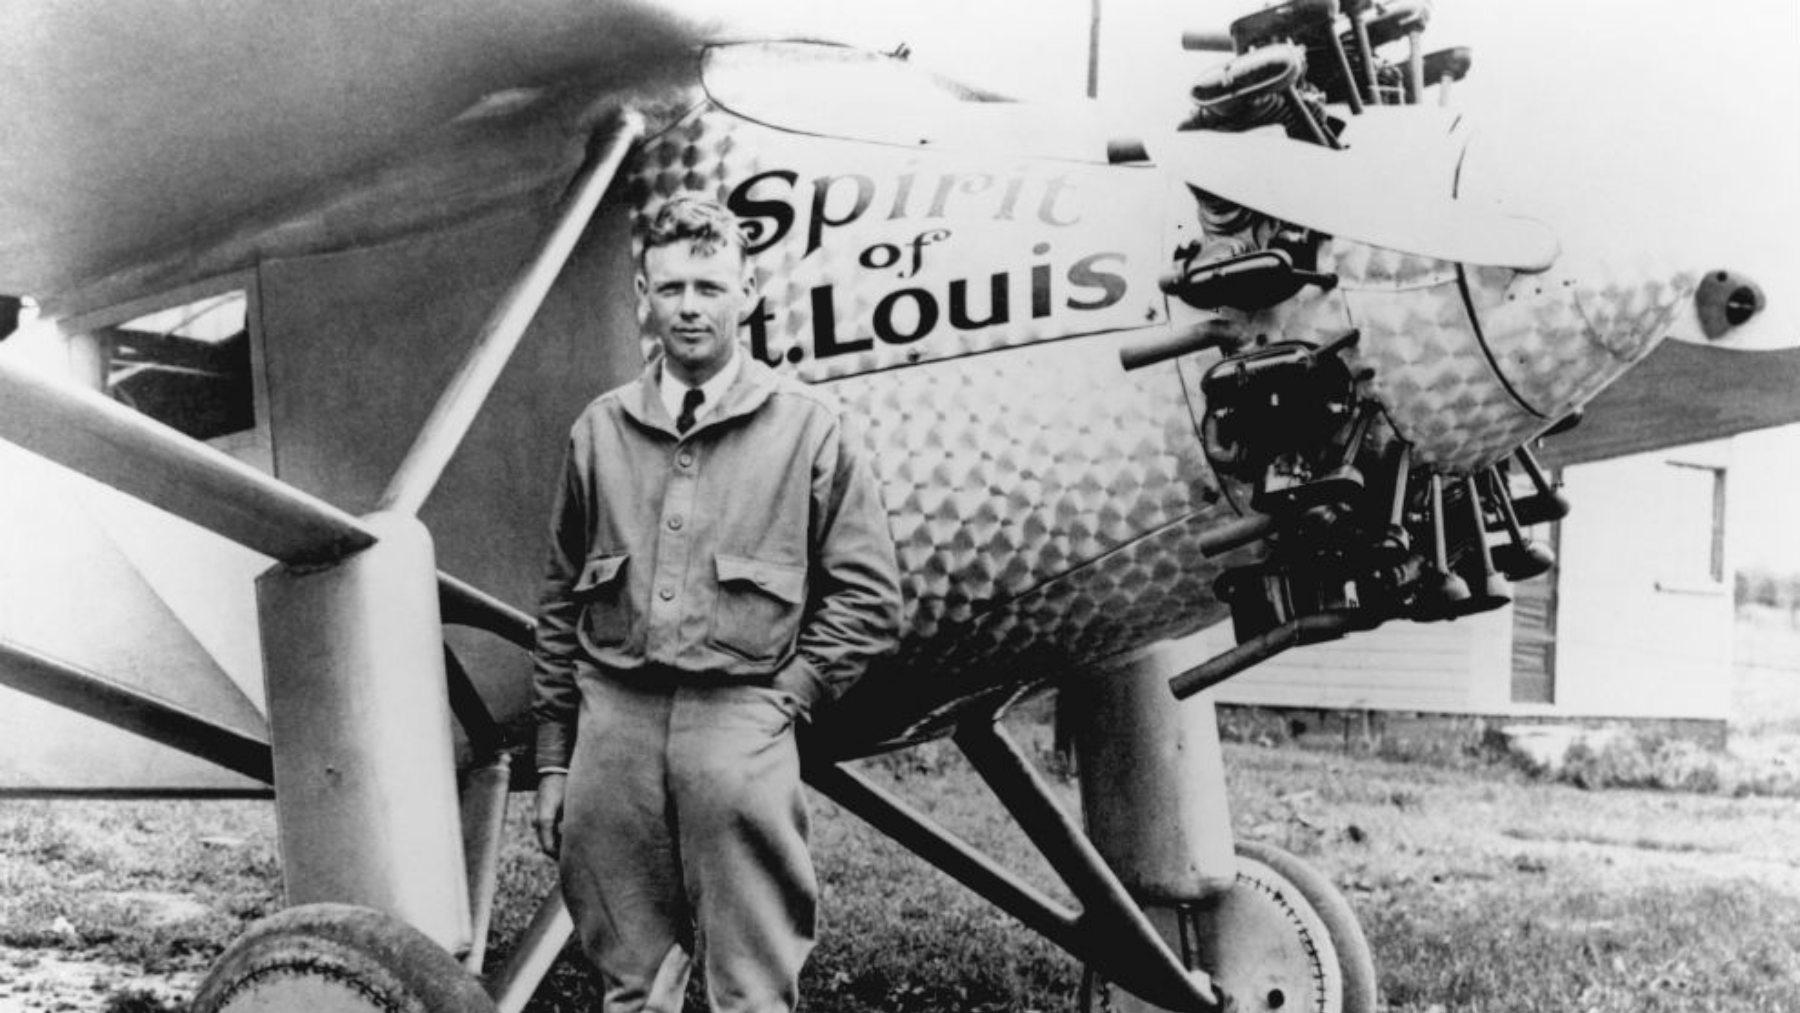 Charles Lindbergh, el héroe del Espíritu de San Luis